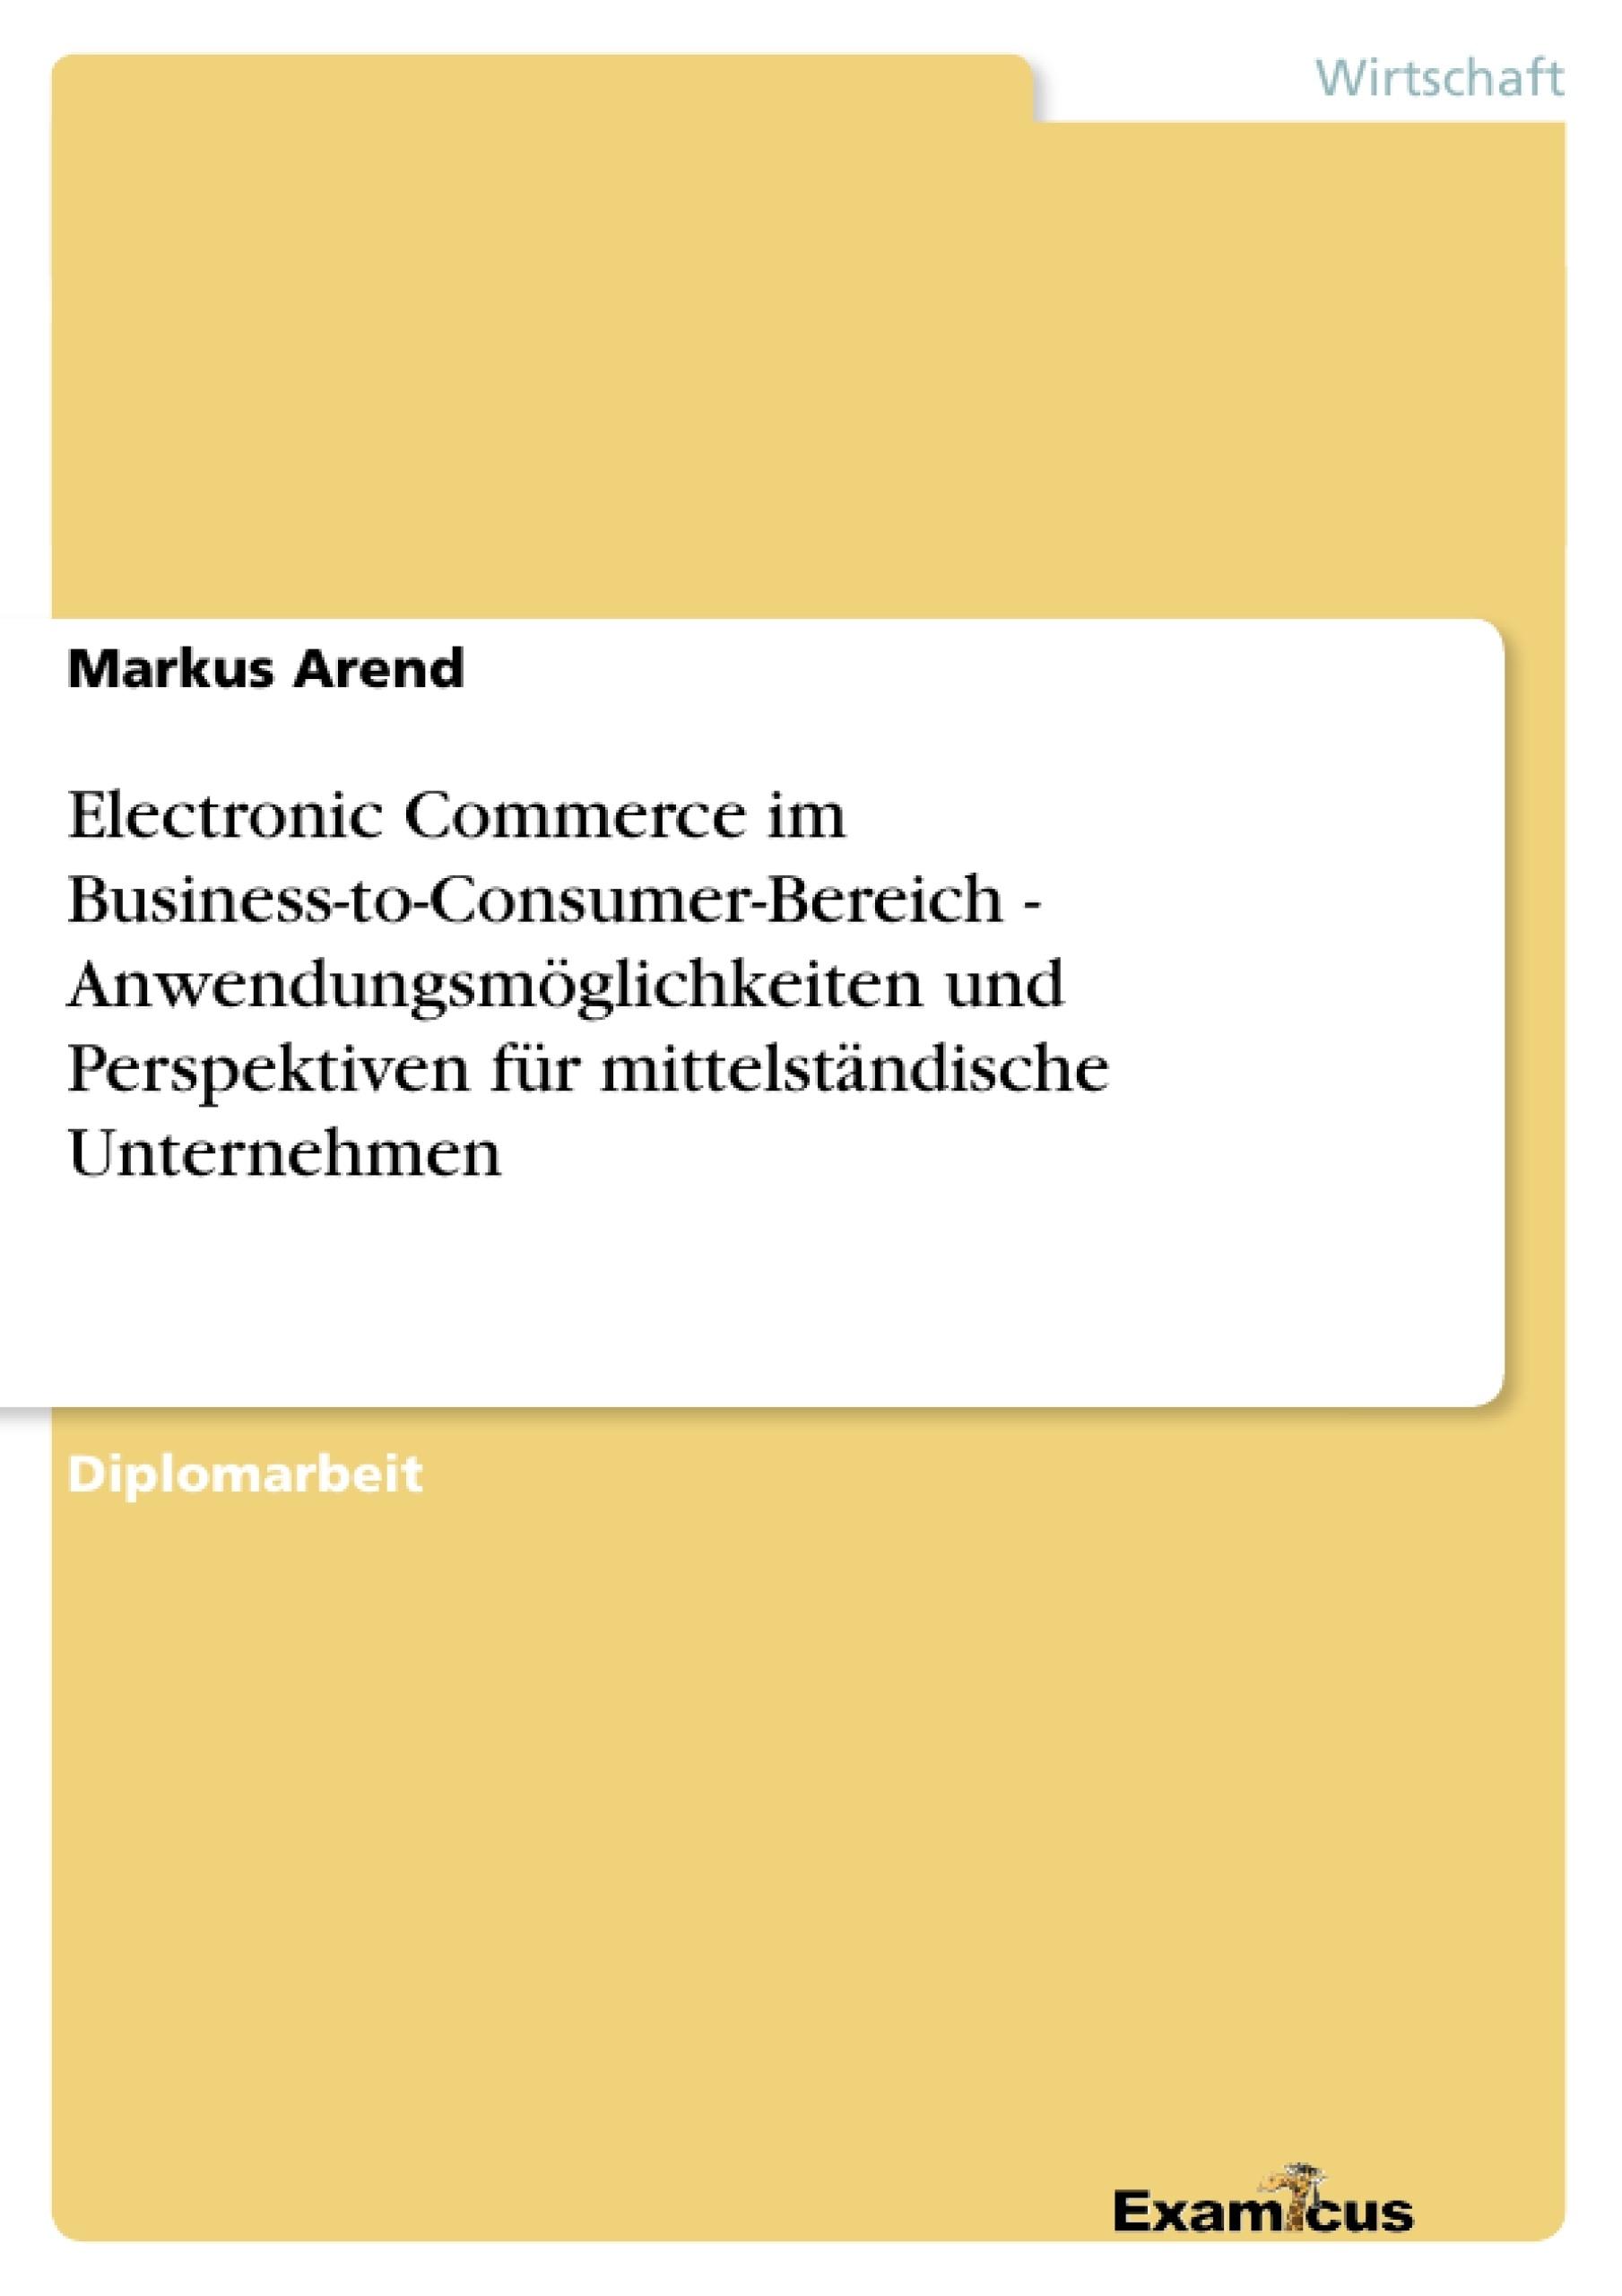 Titel: Electronic Commerce im Business-to-Consumer-Bereich -  Anwendungsmöglichkeiten und Perspektiven für mittelständische Unternehmen